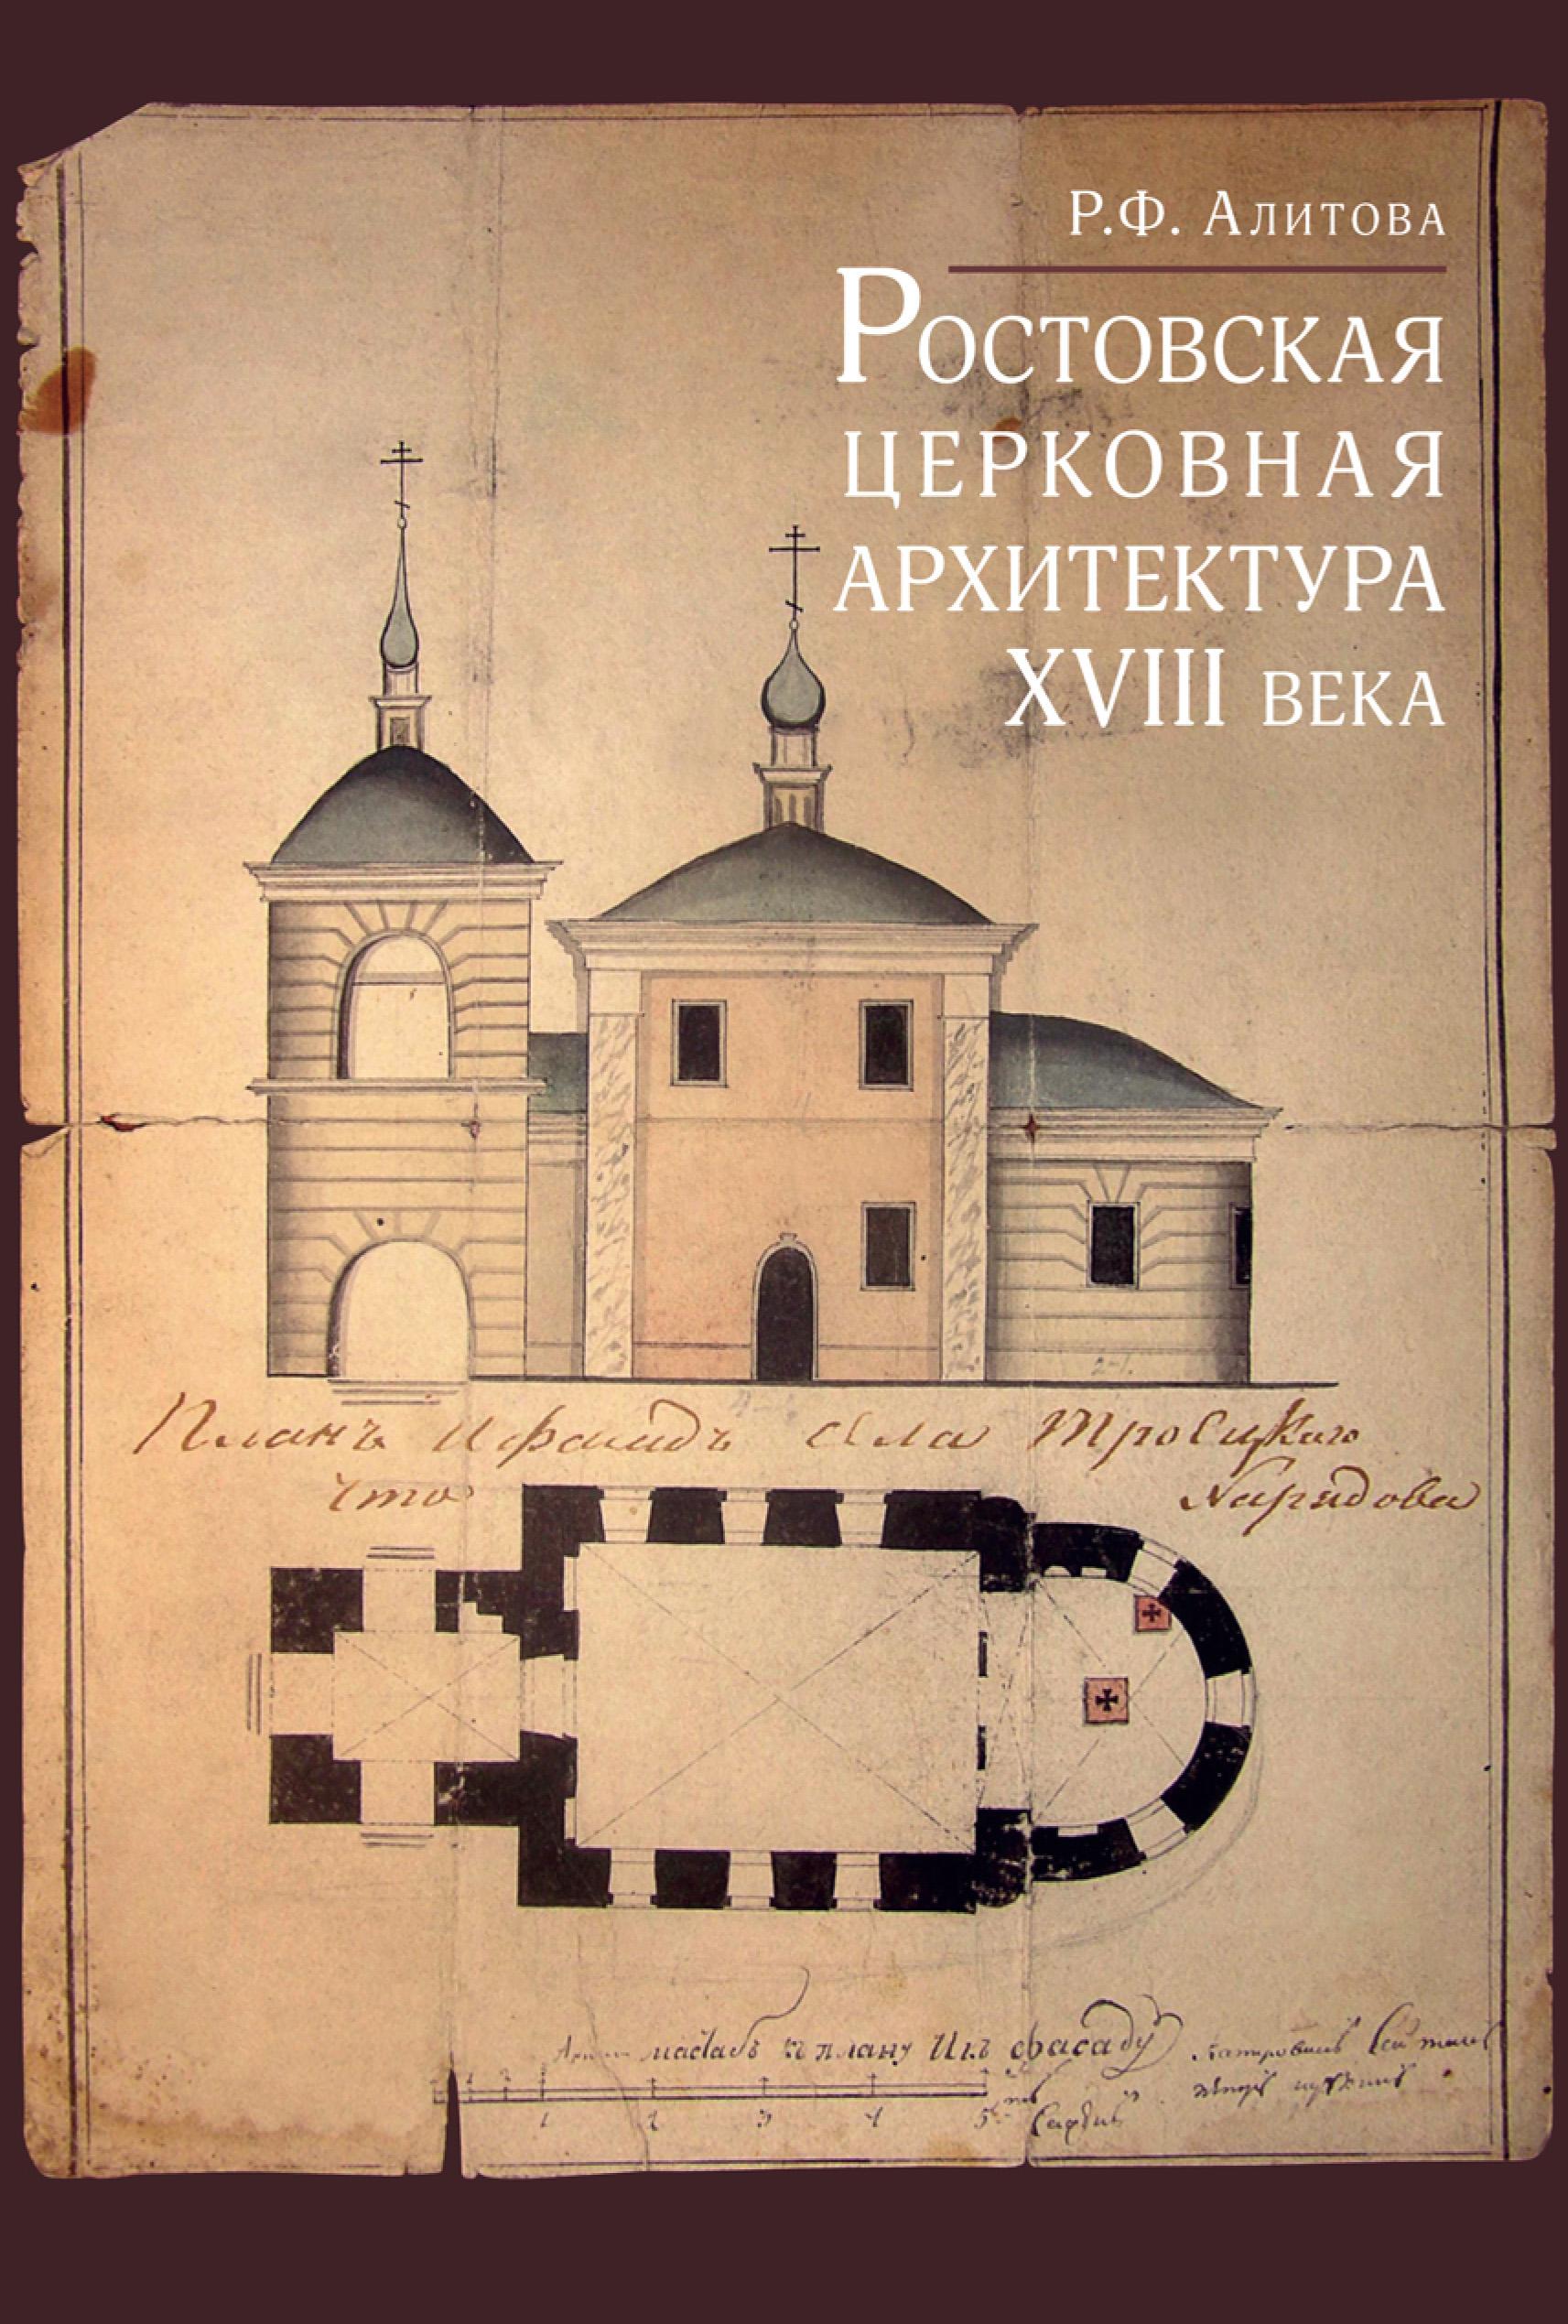 Р. Ф. Алитоа Ростоская церконая архитектура XVIII ека